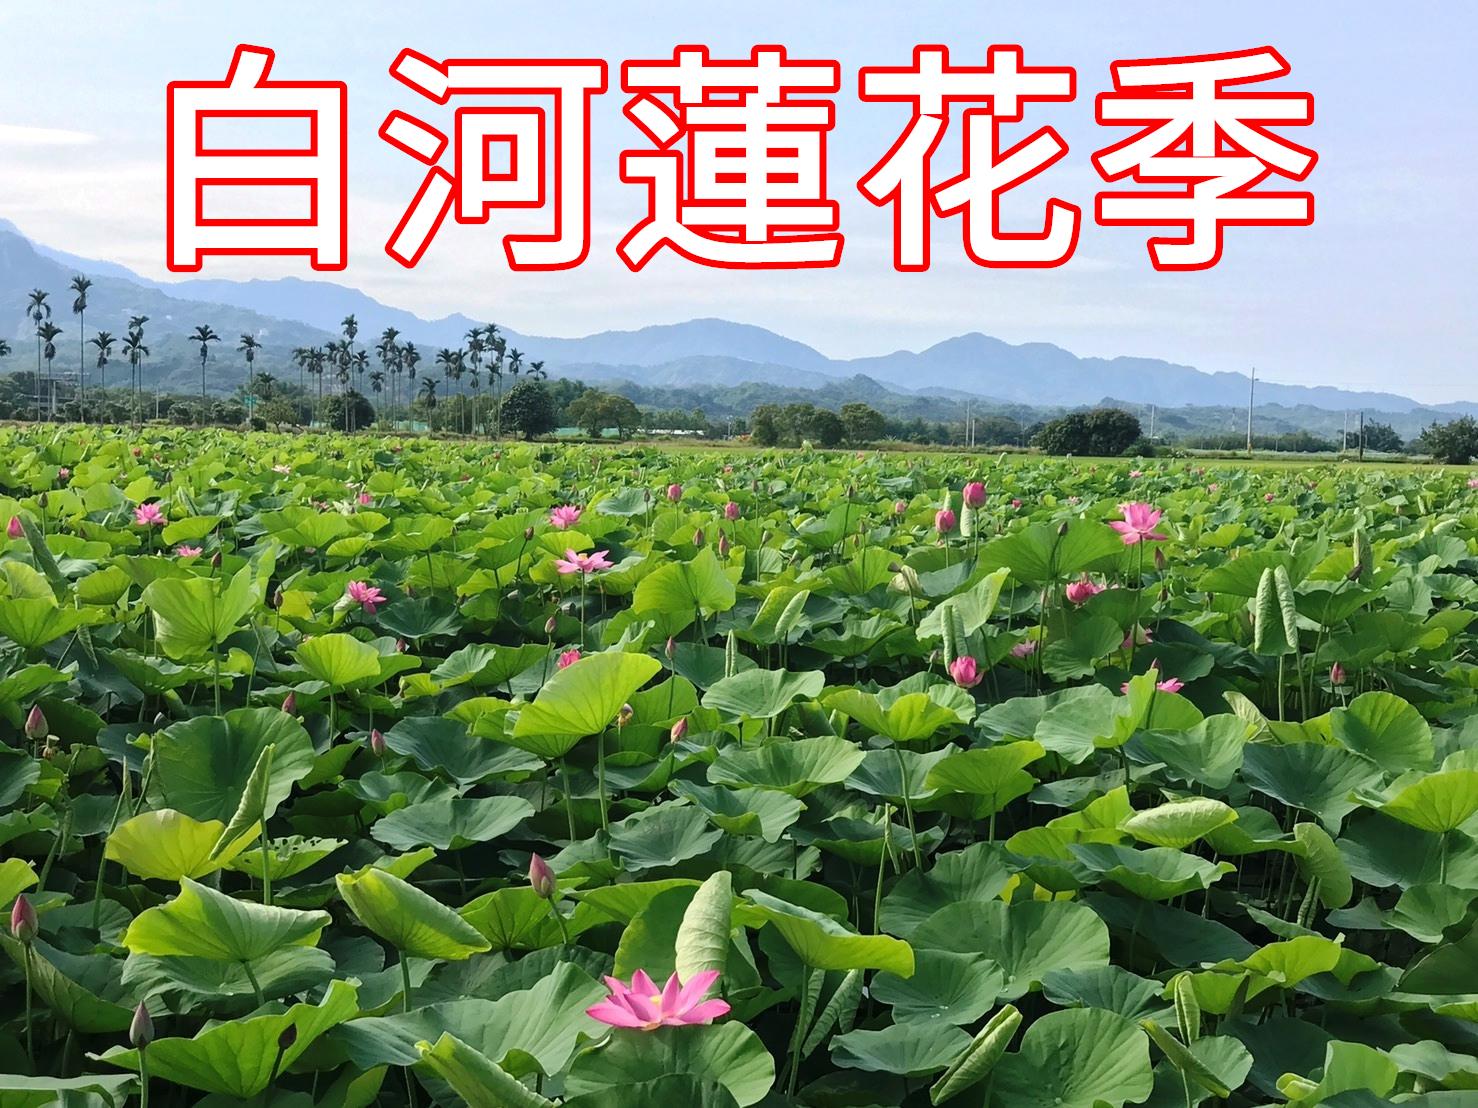 白河蓮花季專區連結